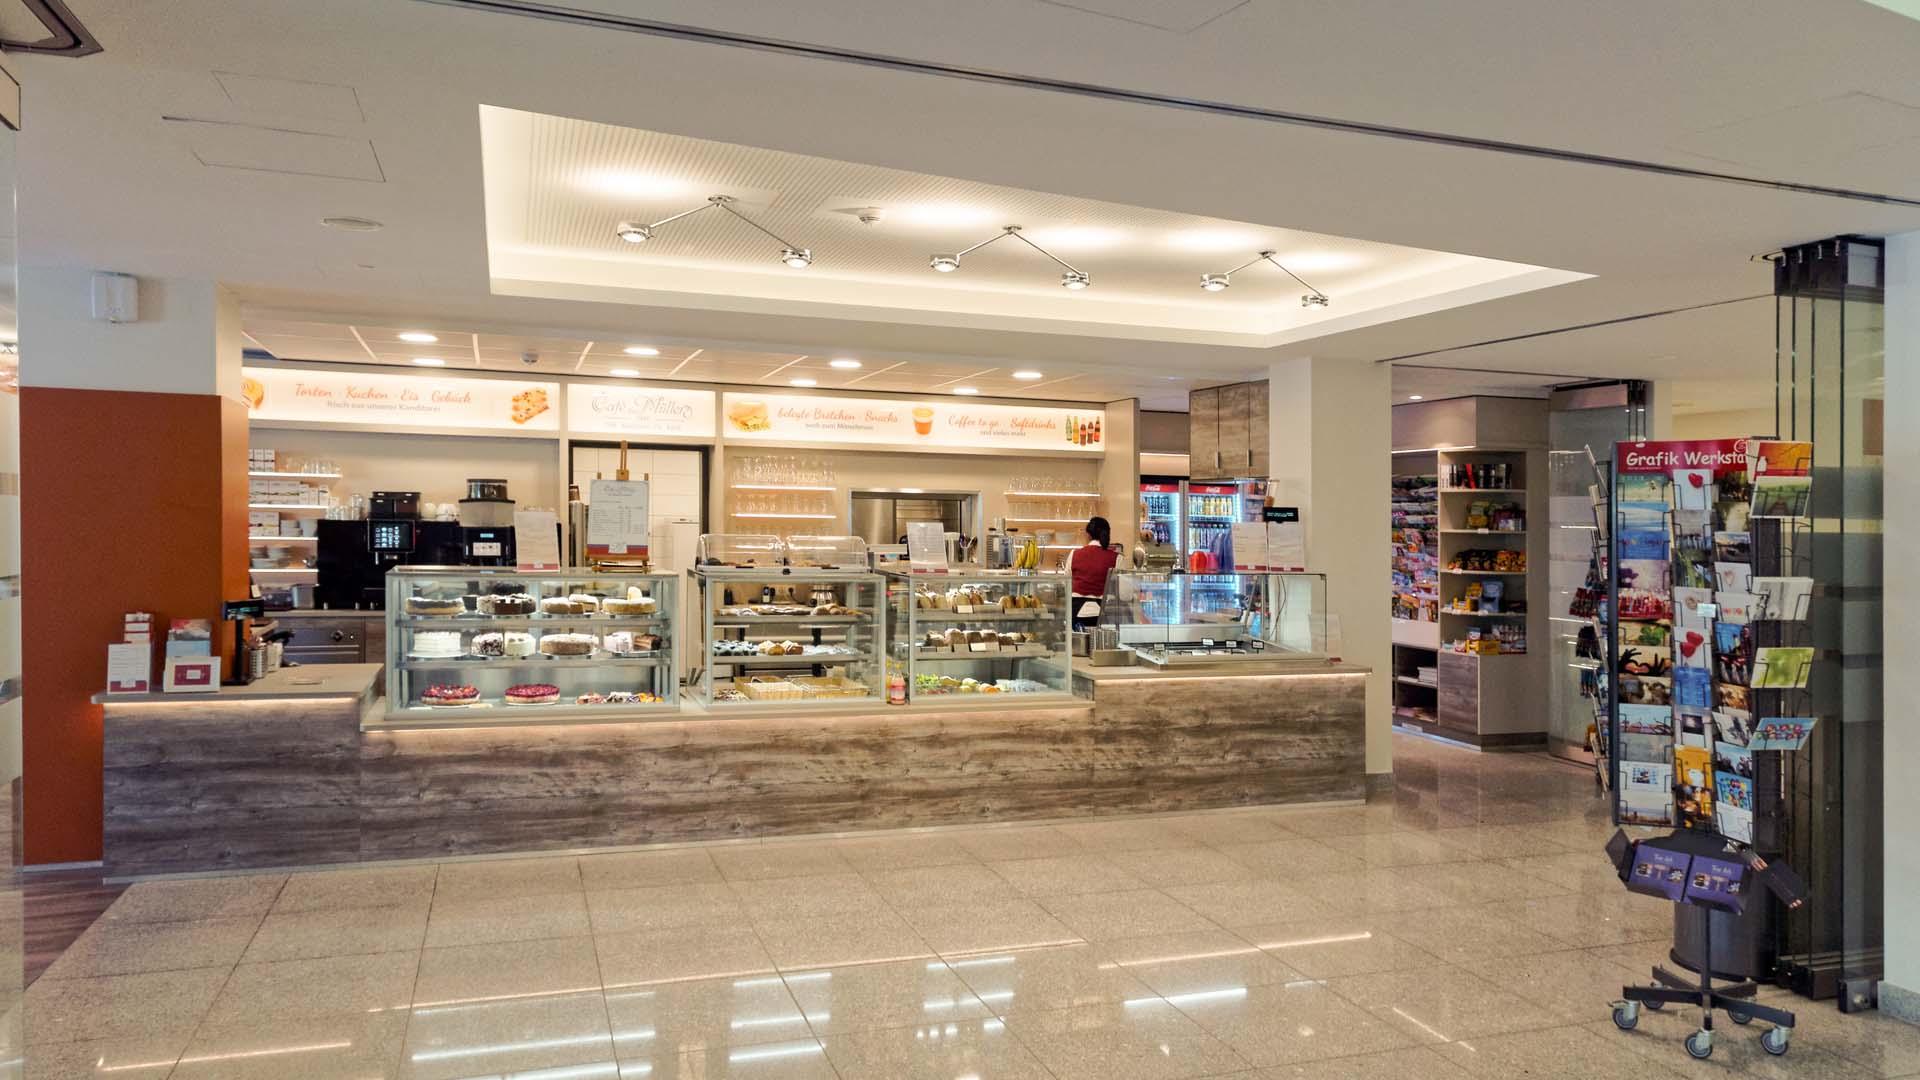 celle-cafe-m-ller-akh-5